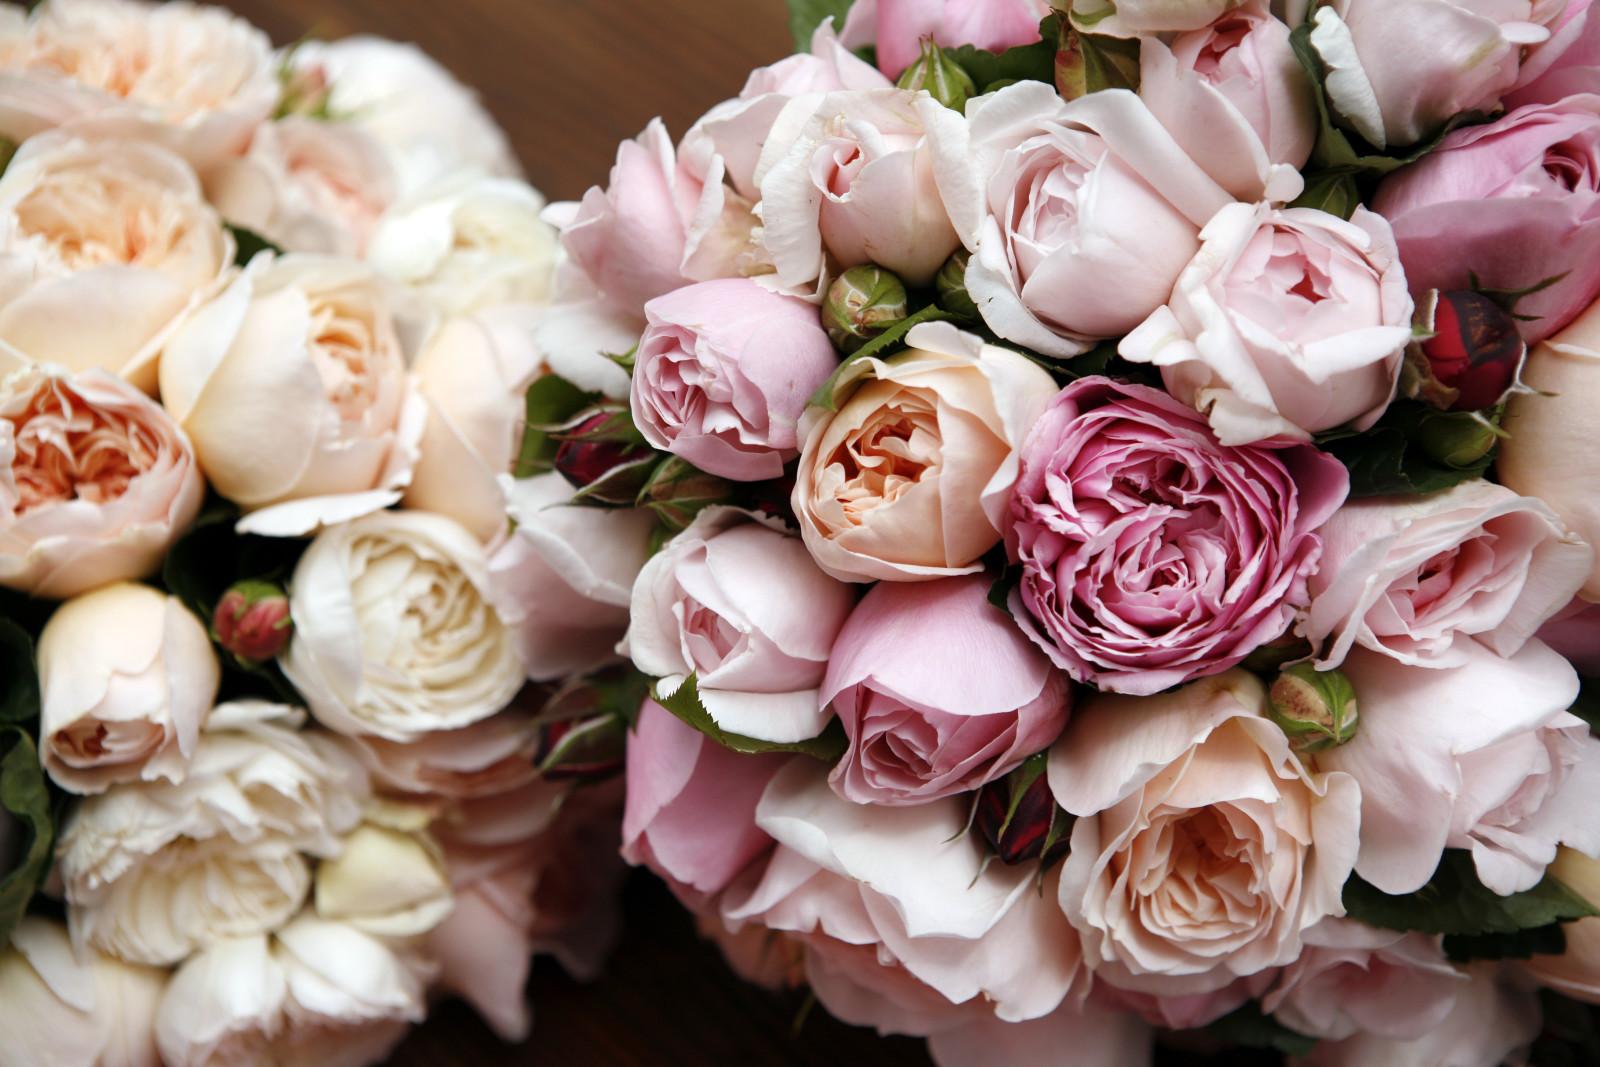 Доставка цветов живые искусственные подарок для девочки подростка на 8 марта